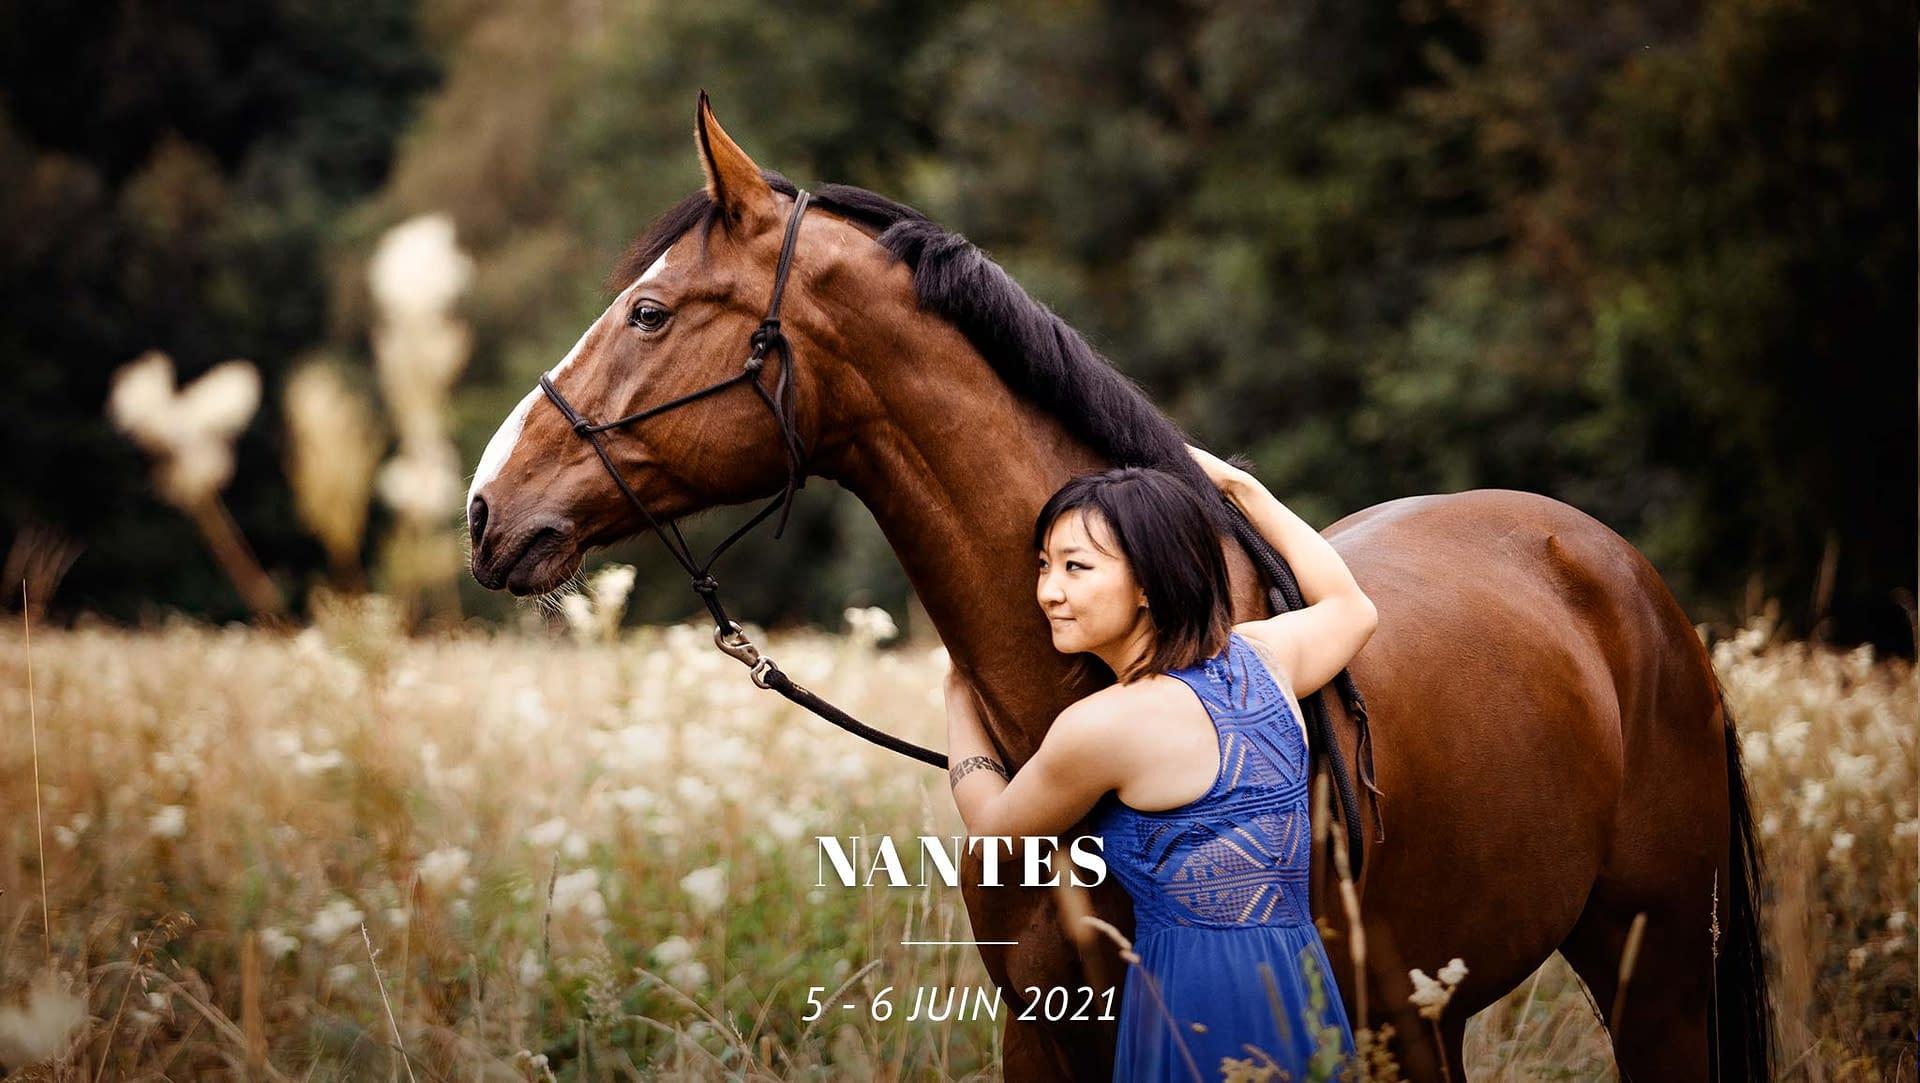 Tournée photo sur Nantes en juin 2021